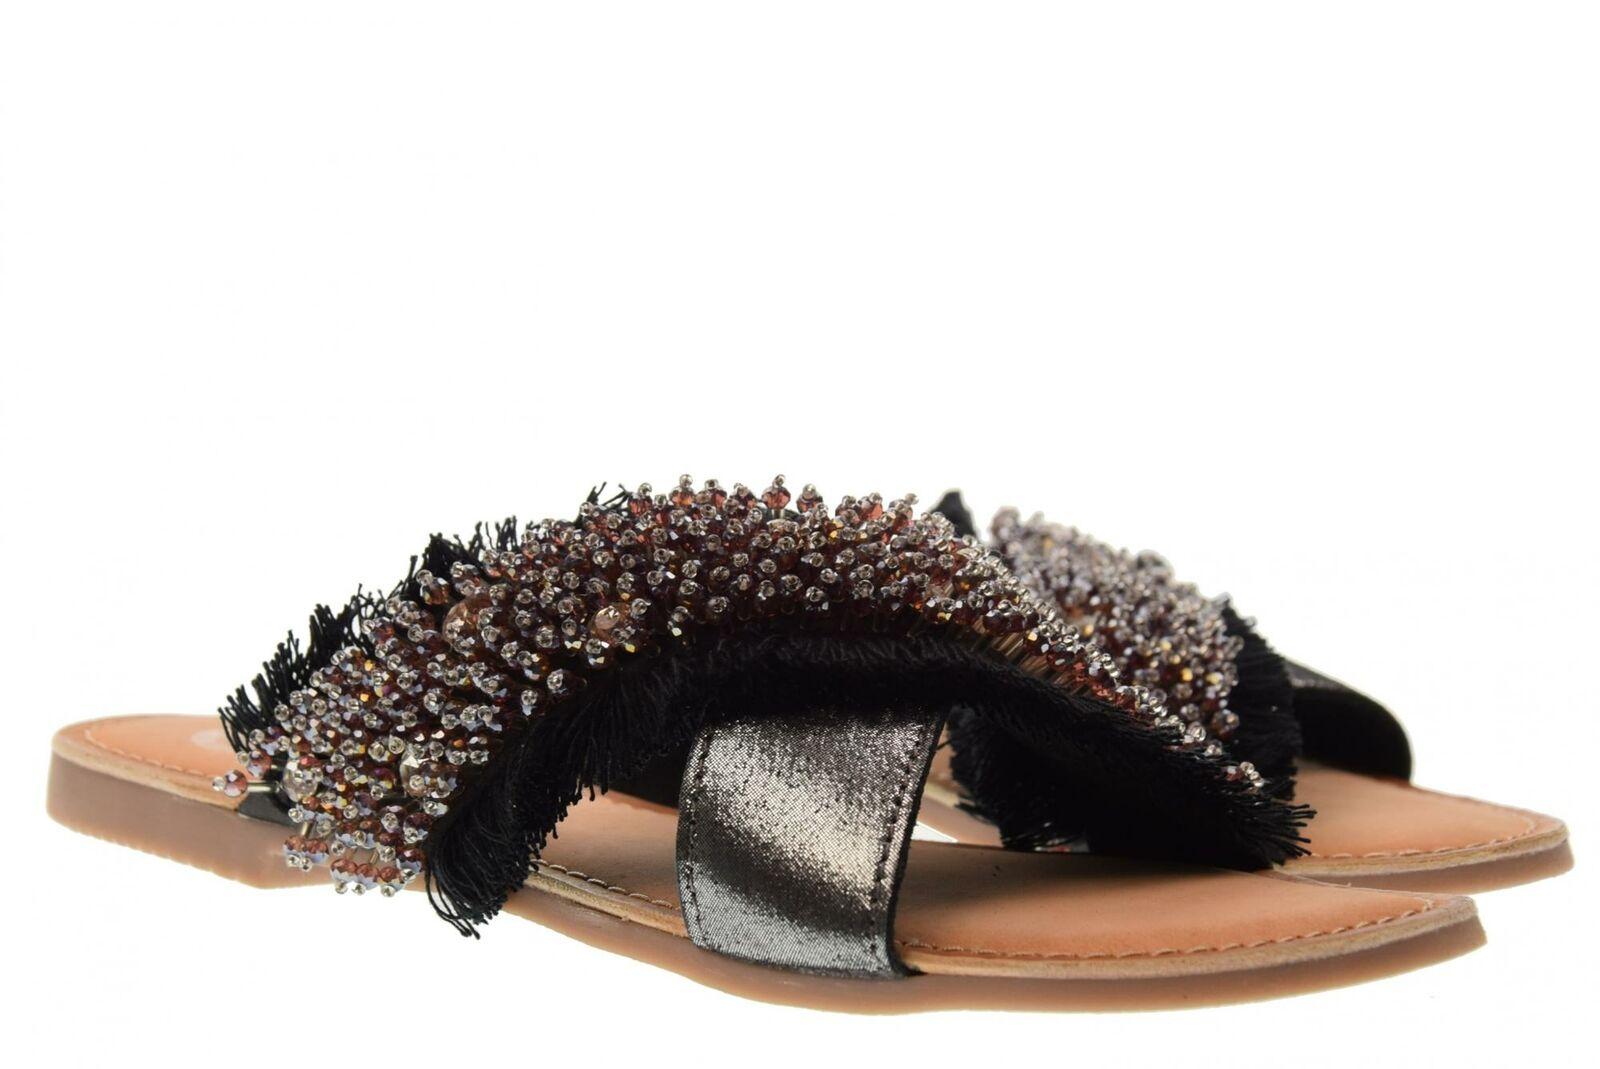 Zapatos De Mujer Baja Zapatillas gioseppo P18us 45307 Negro